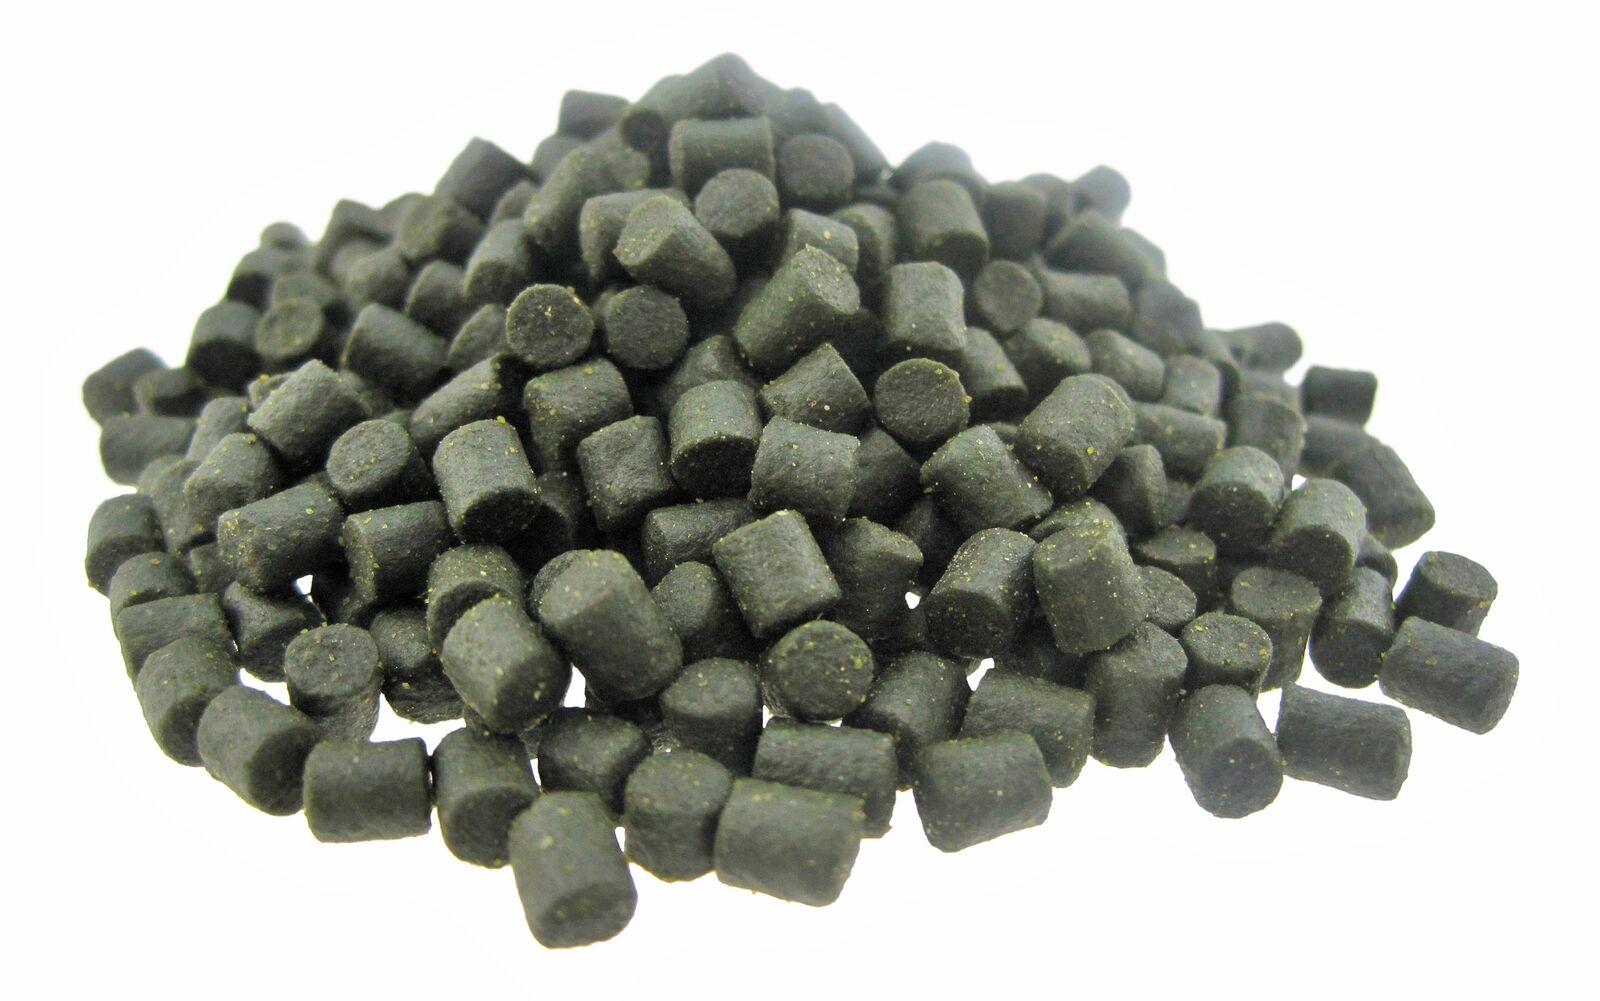 3,60 Eur   kg green Betain 10Kg Espirulina Betaína Hipogloso Pellets Coppens 2mm